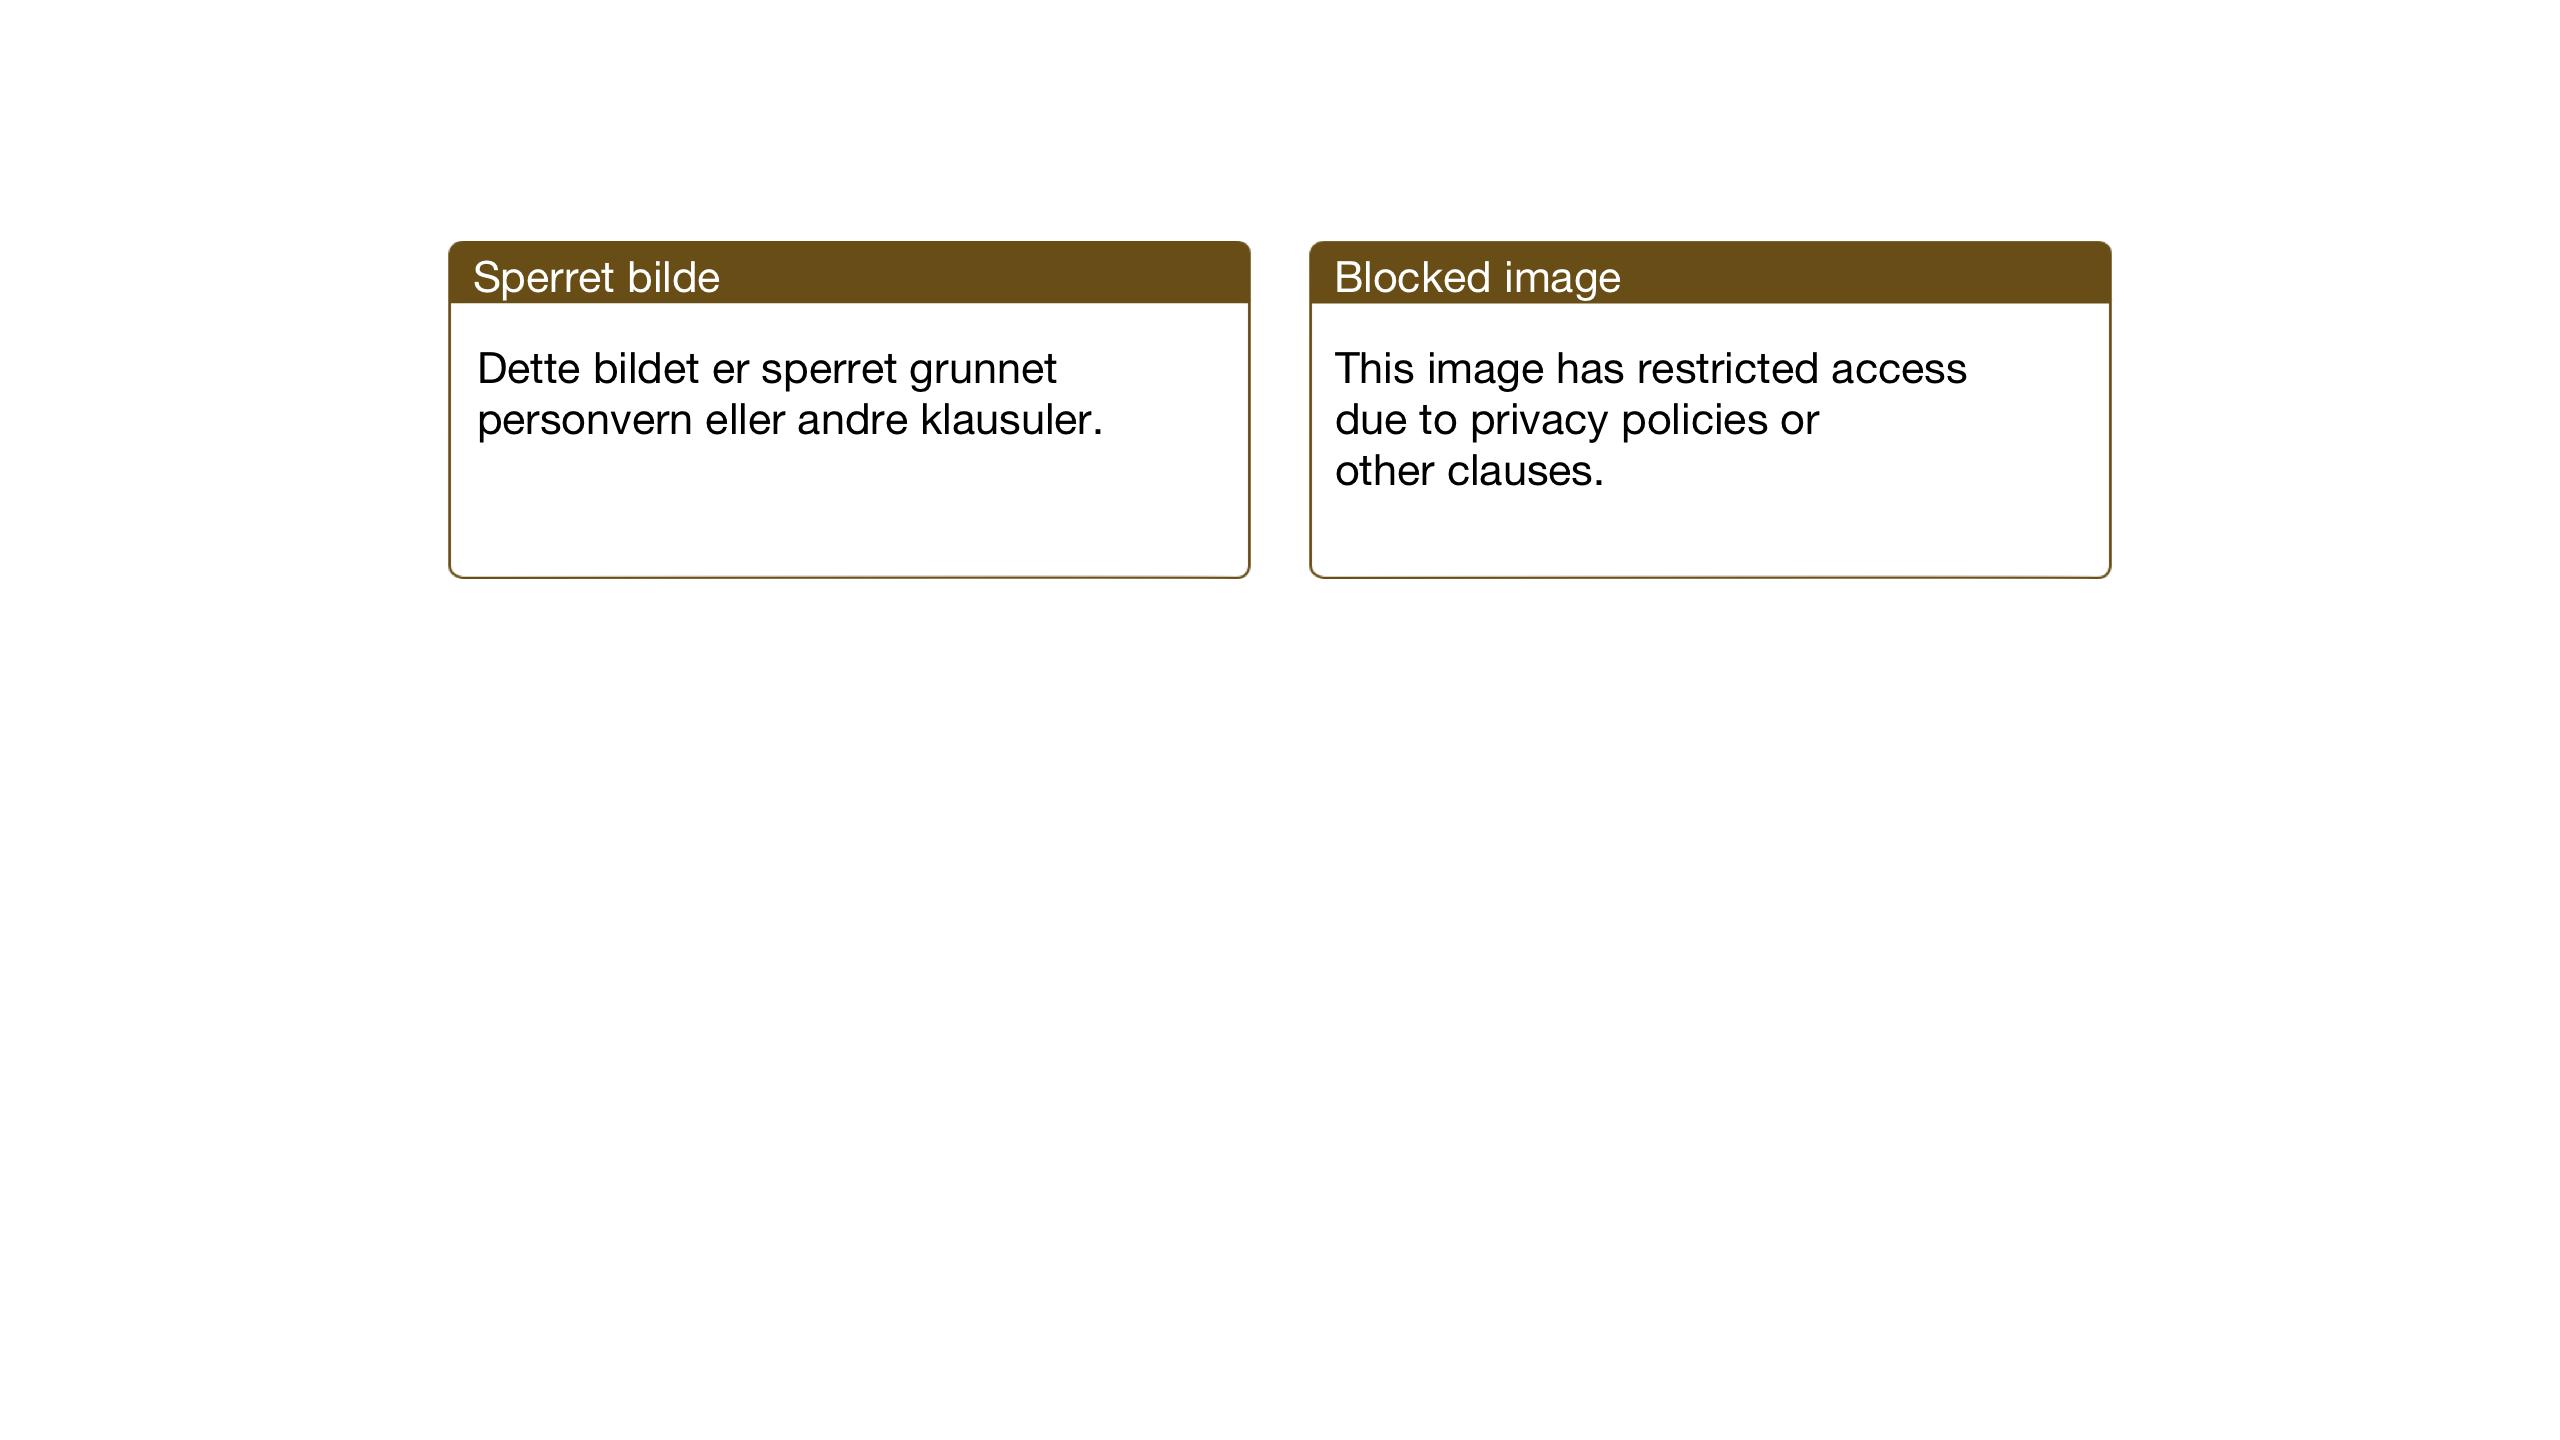 SAT, Ministerialprotokoller, klokkerbøker og fødselsregistre - Nord-Trøndelag, 732/L0319: Klokkerbok nr. 732C03, 1911-1945, s. 79